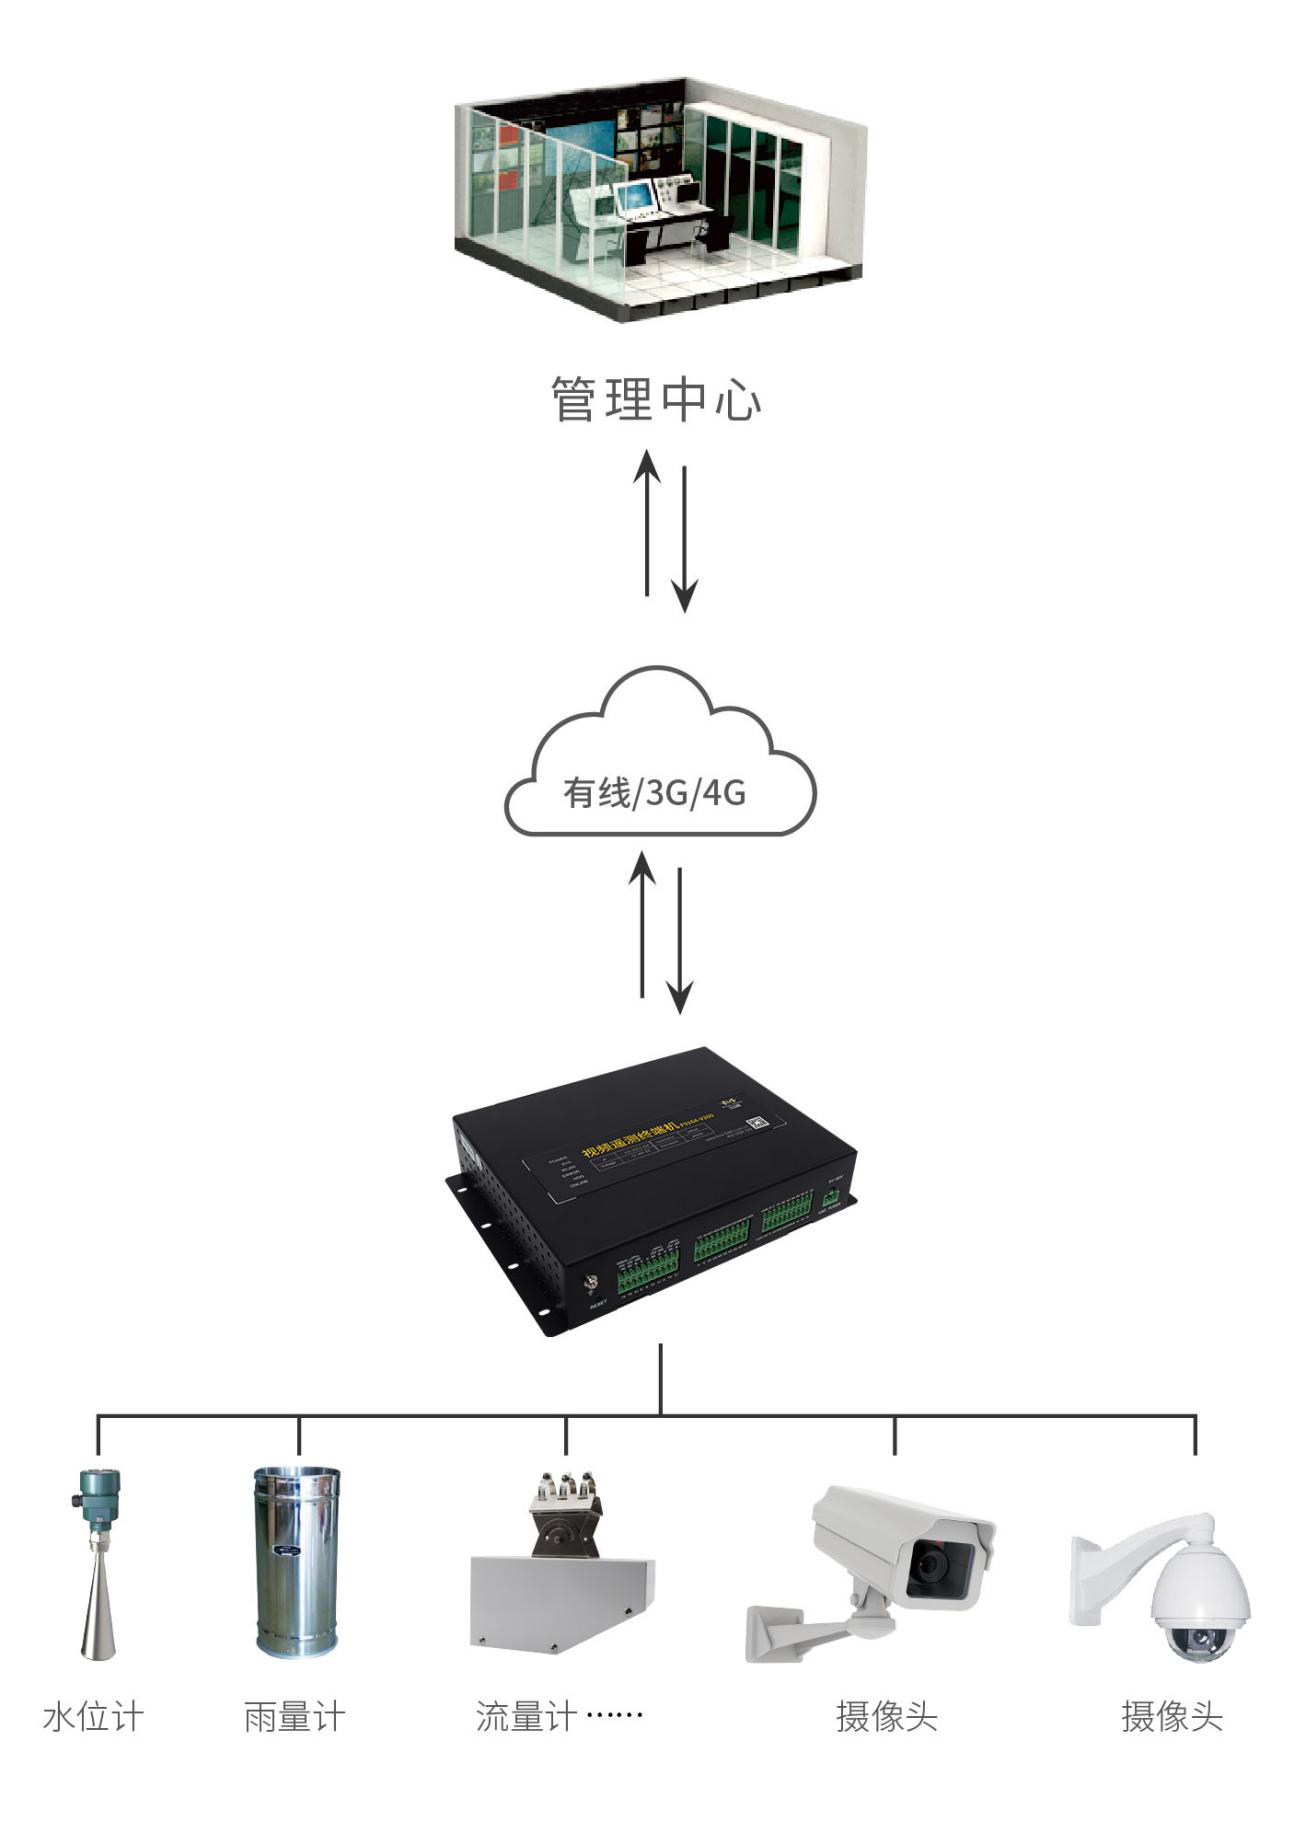 智慧水利可视化监控系统_水利视频监控解决方案